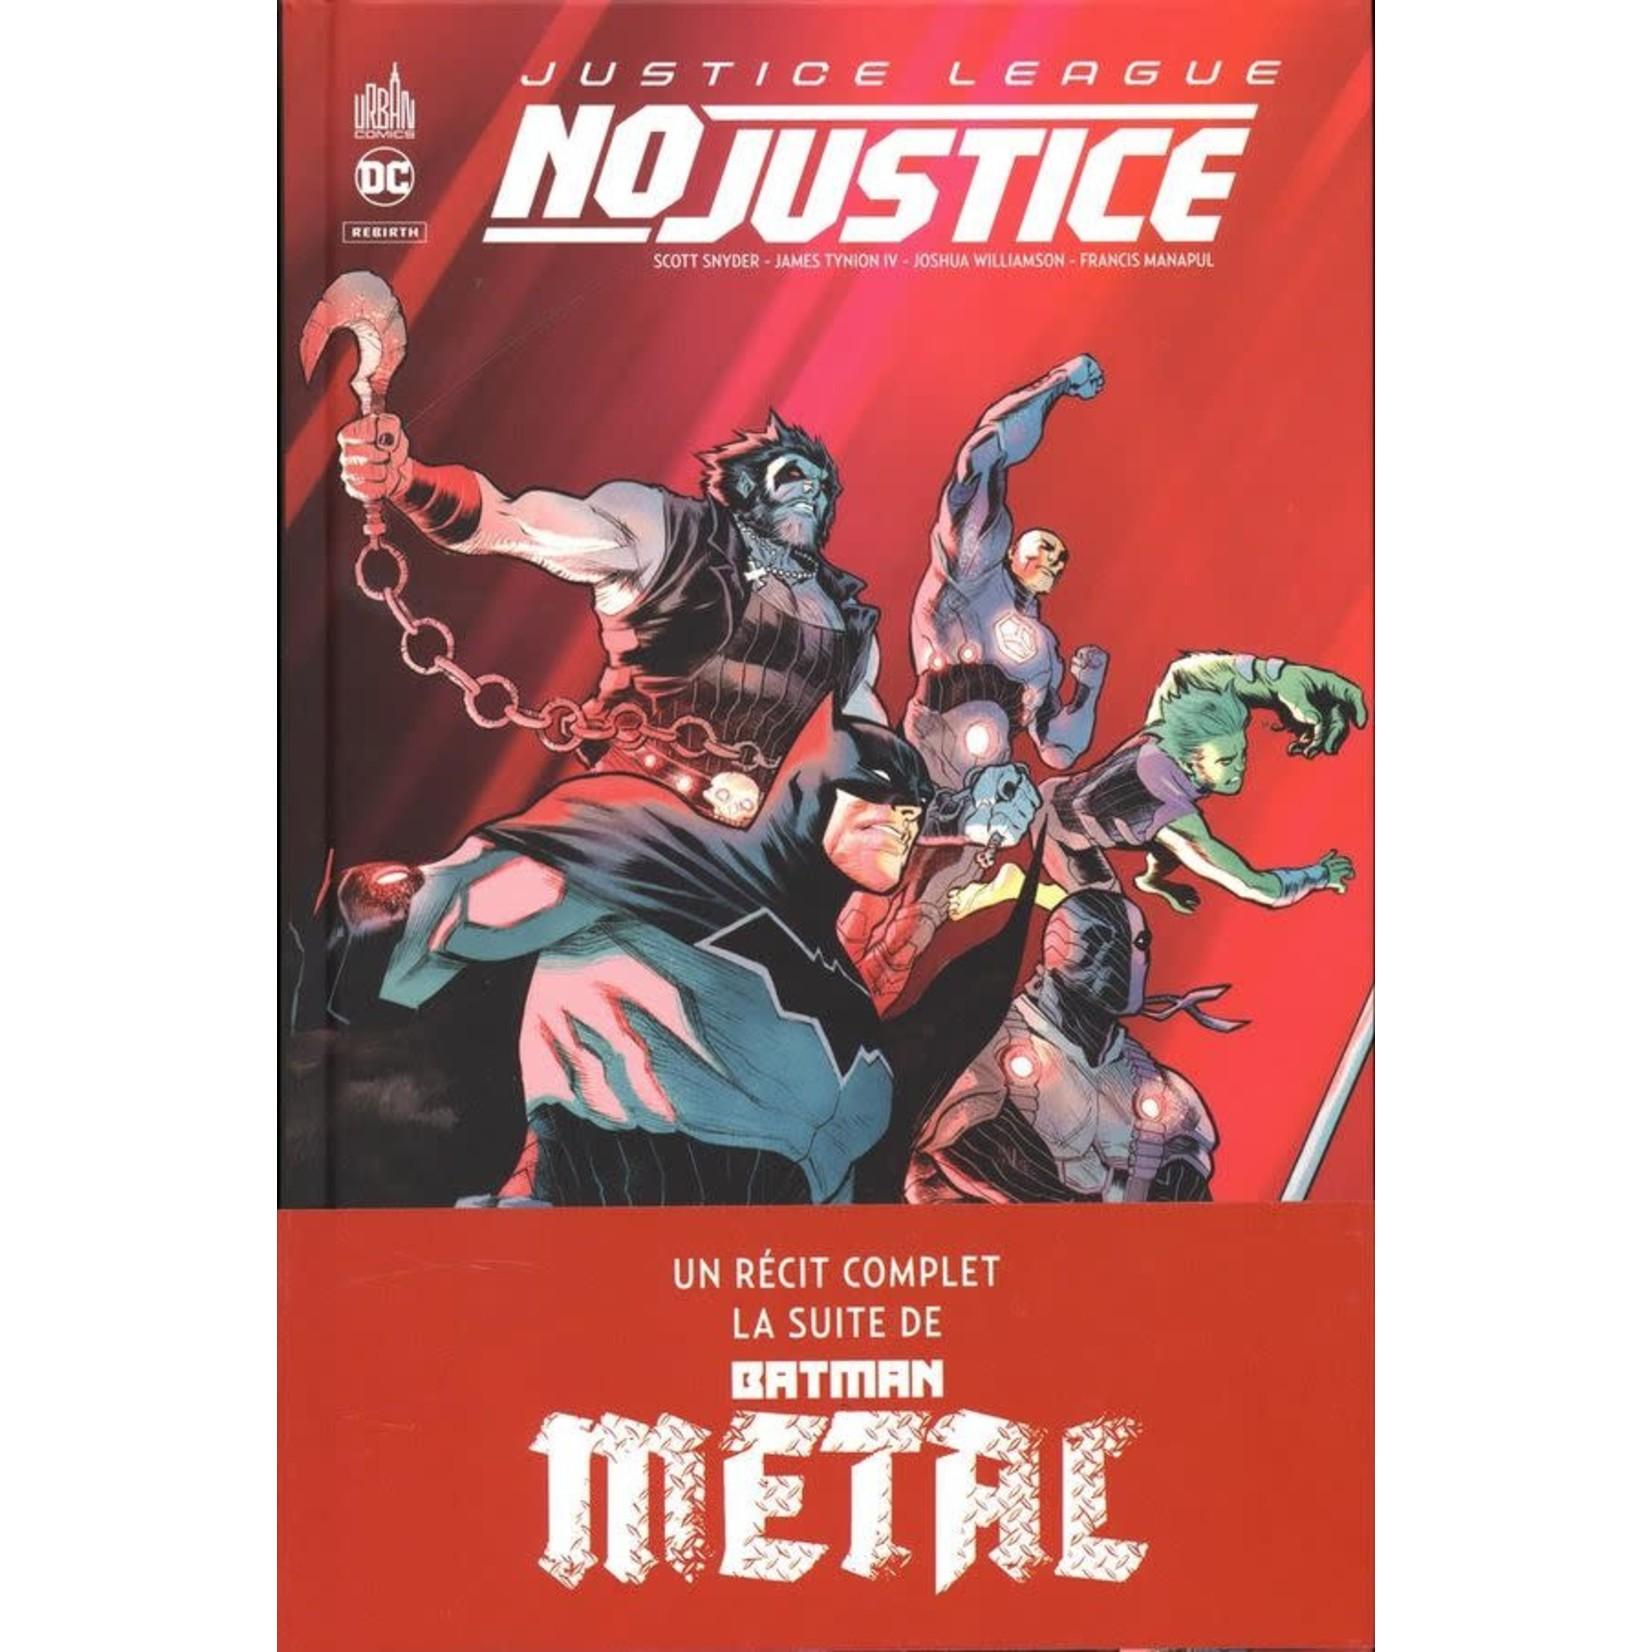 Urban Comics Justice League - No Justice